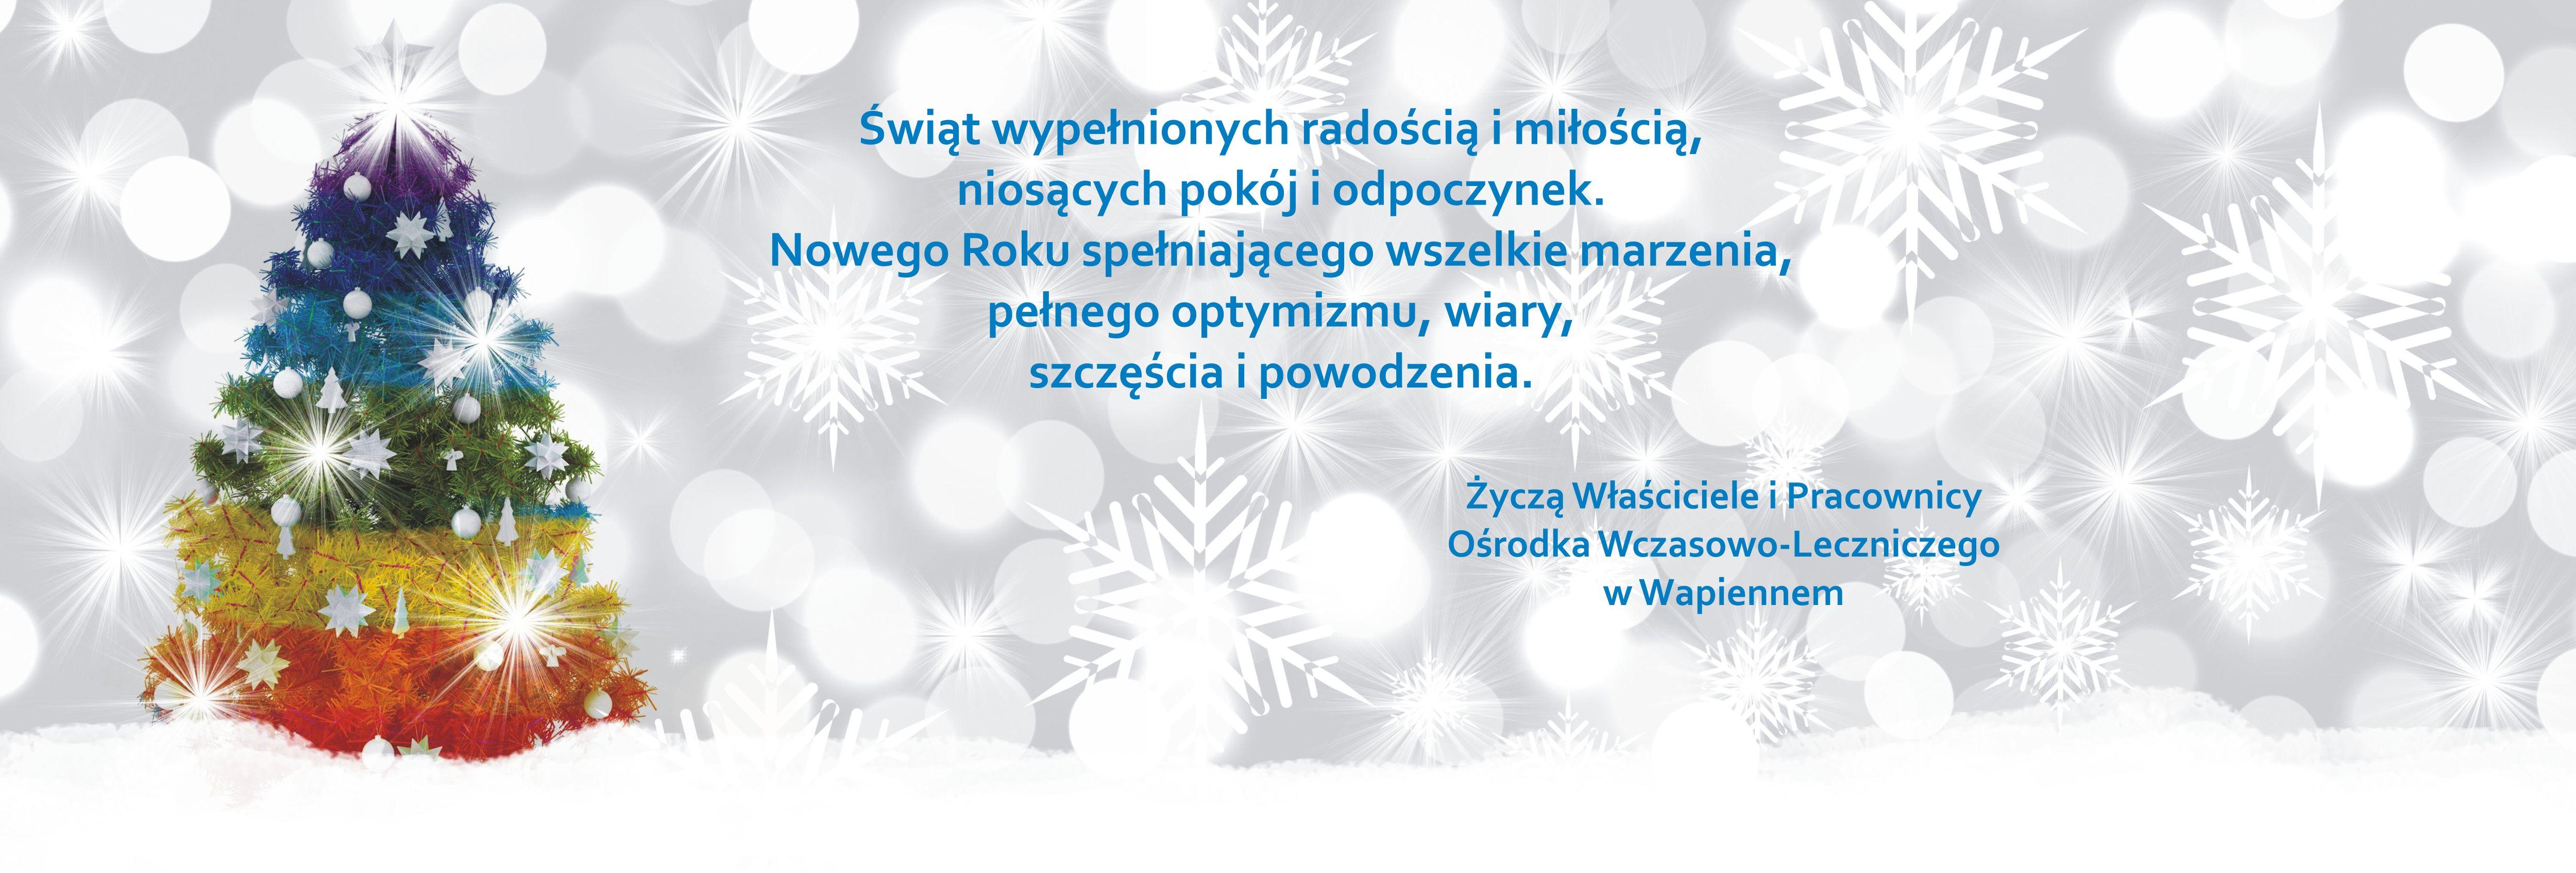 zycz_02